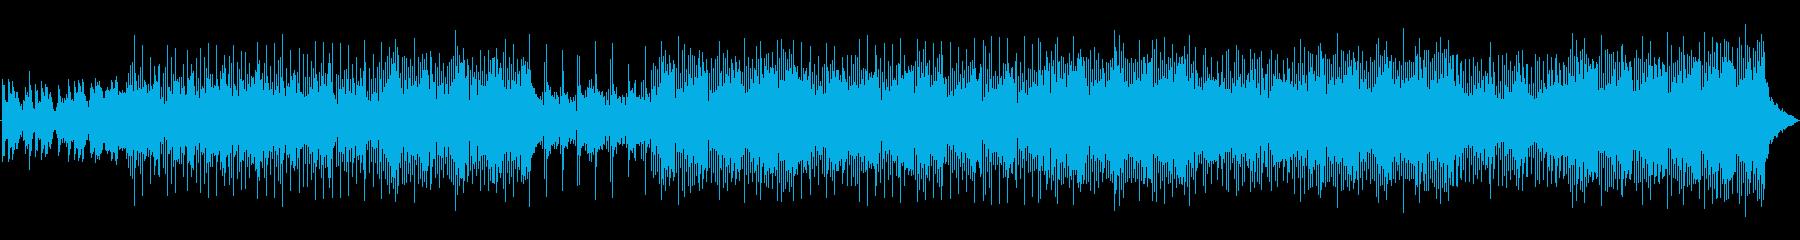 アコーディオン、ピアノ、ストリング...の再生済みの波形